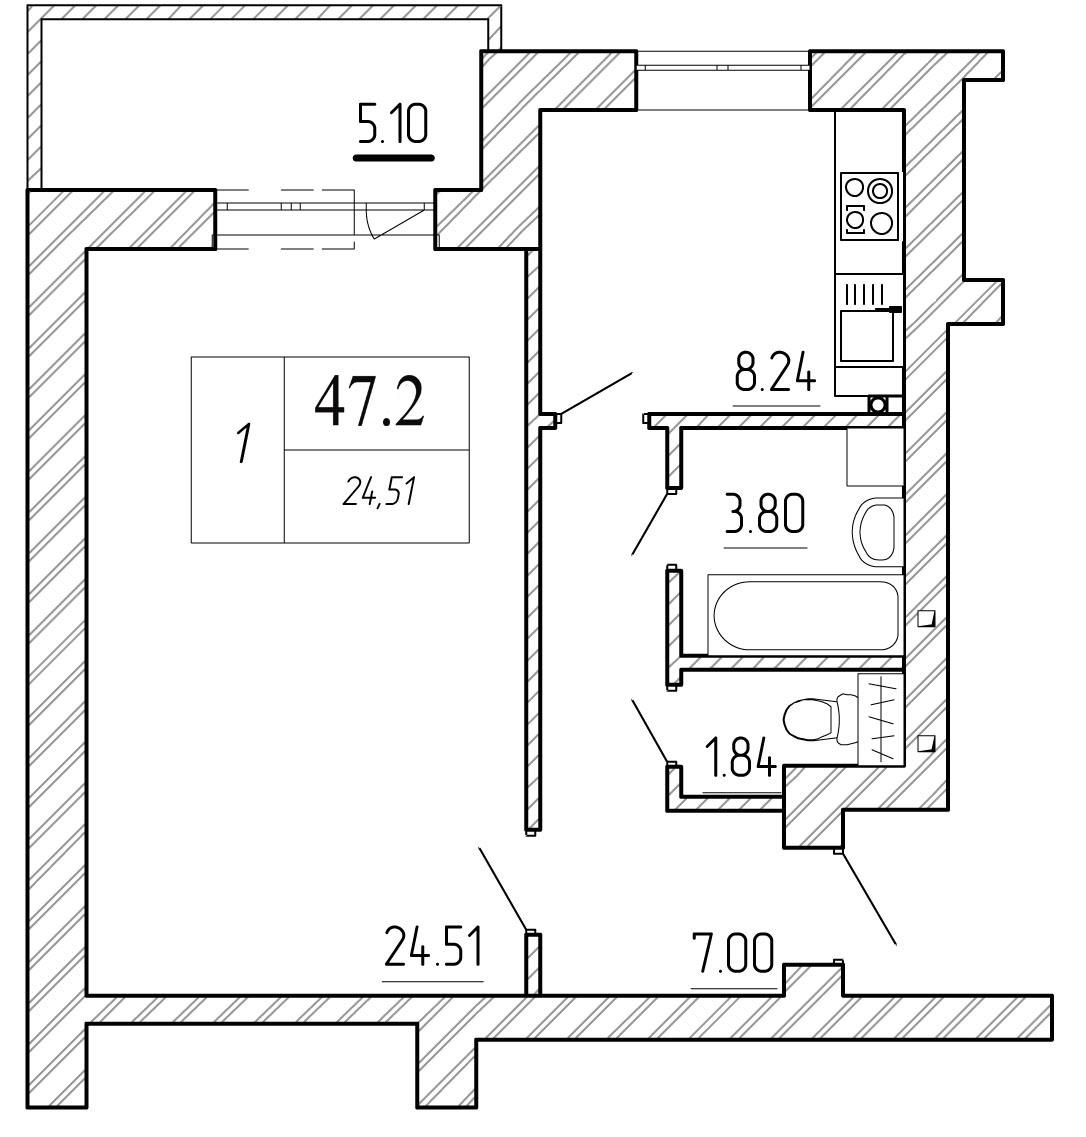 Нажмите на изображение для увеличения Название: Plan.jpg Просмотров: 137 Размер:172.6 Кб ID:214220